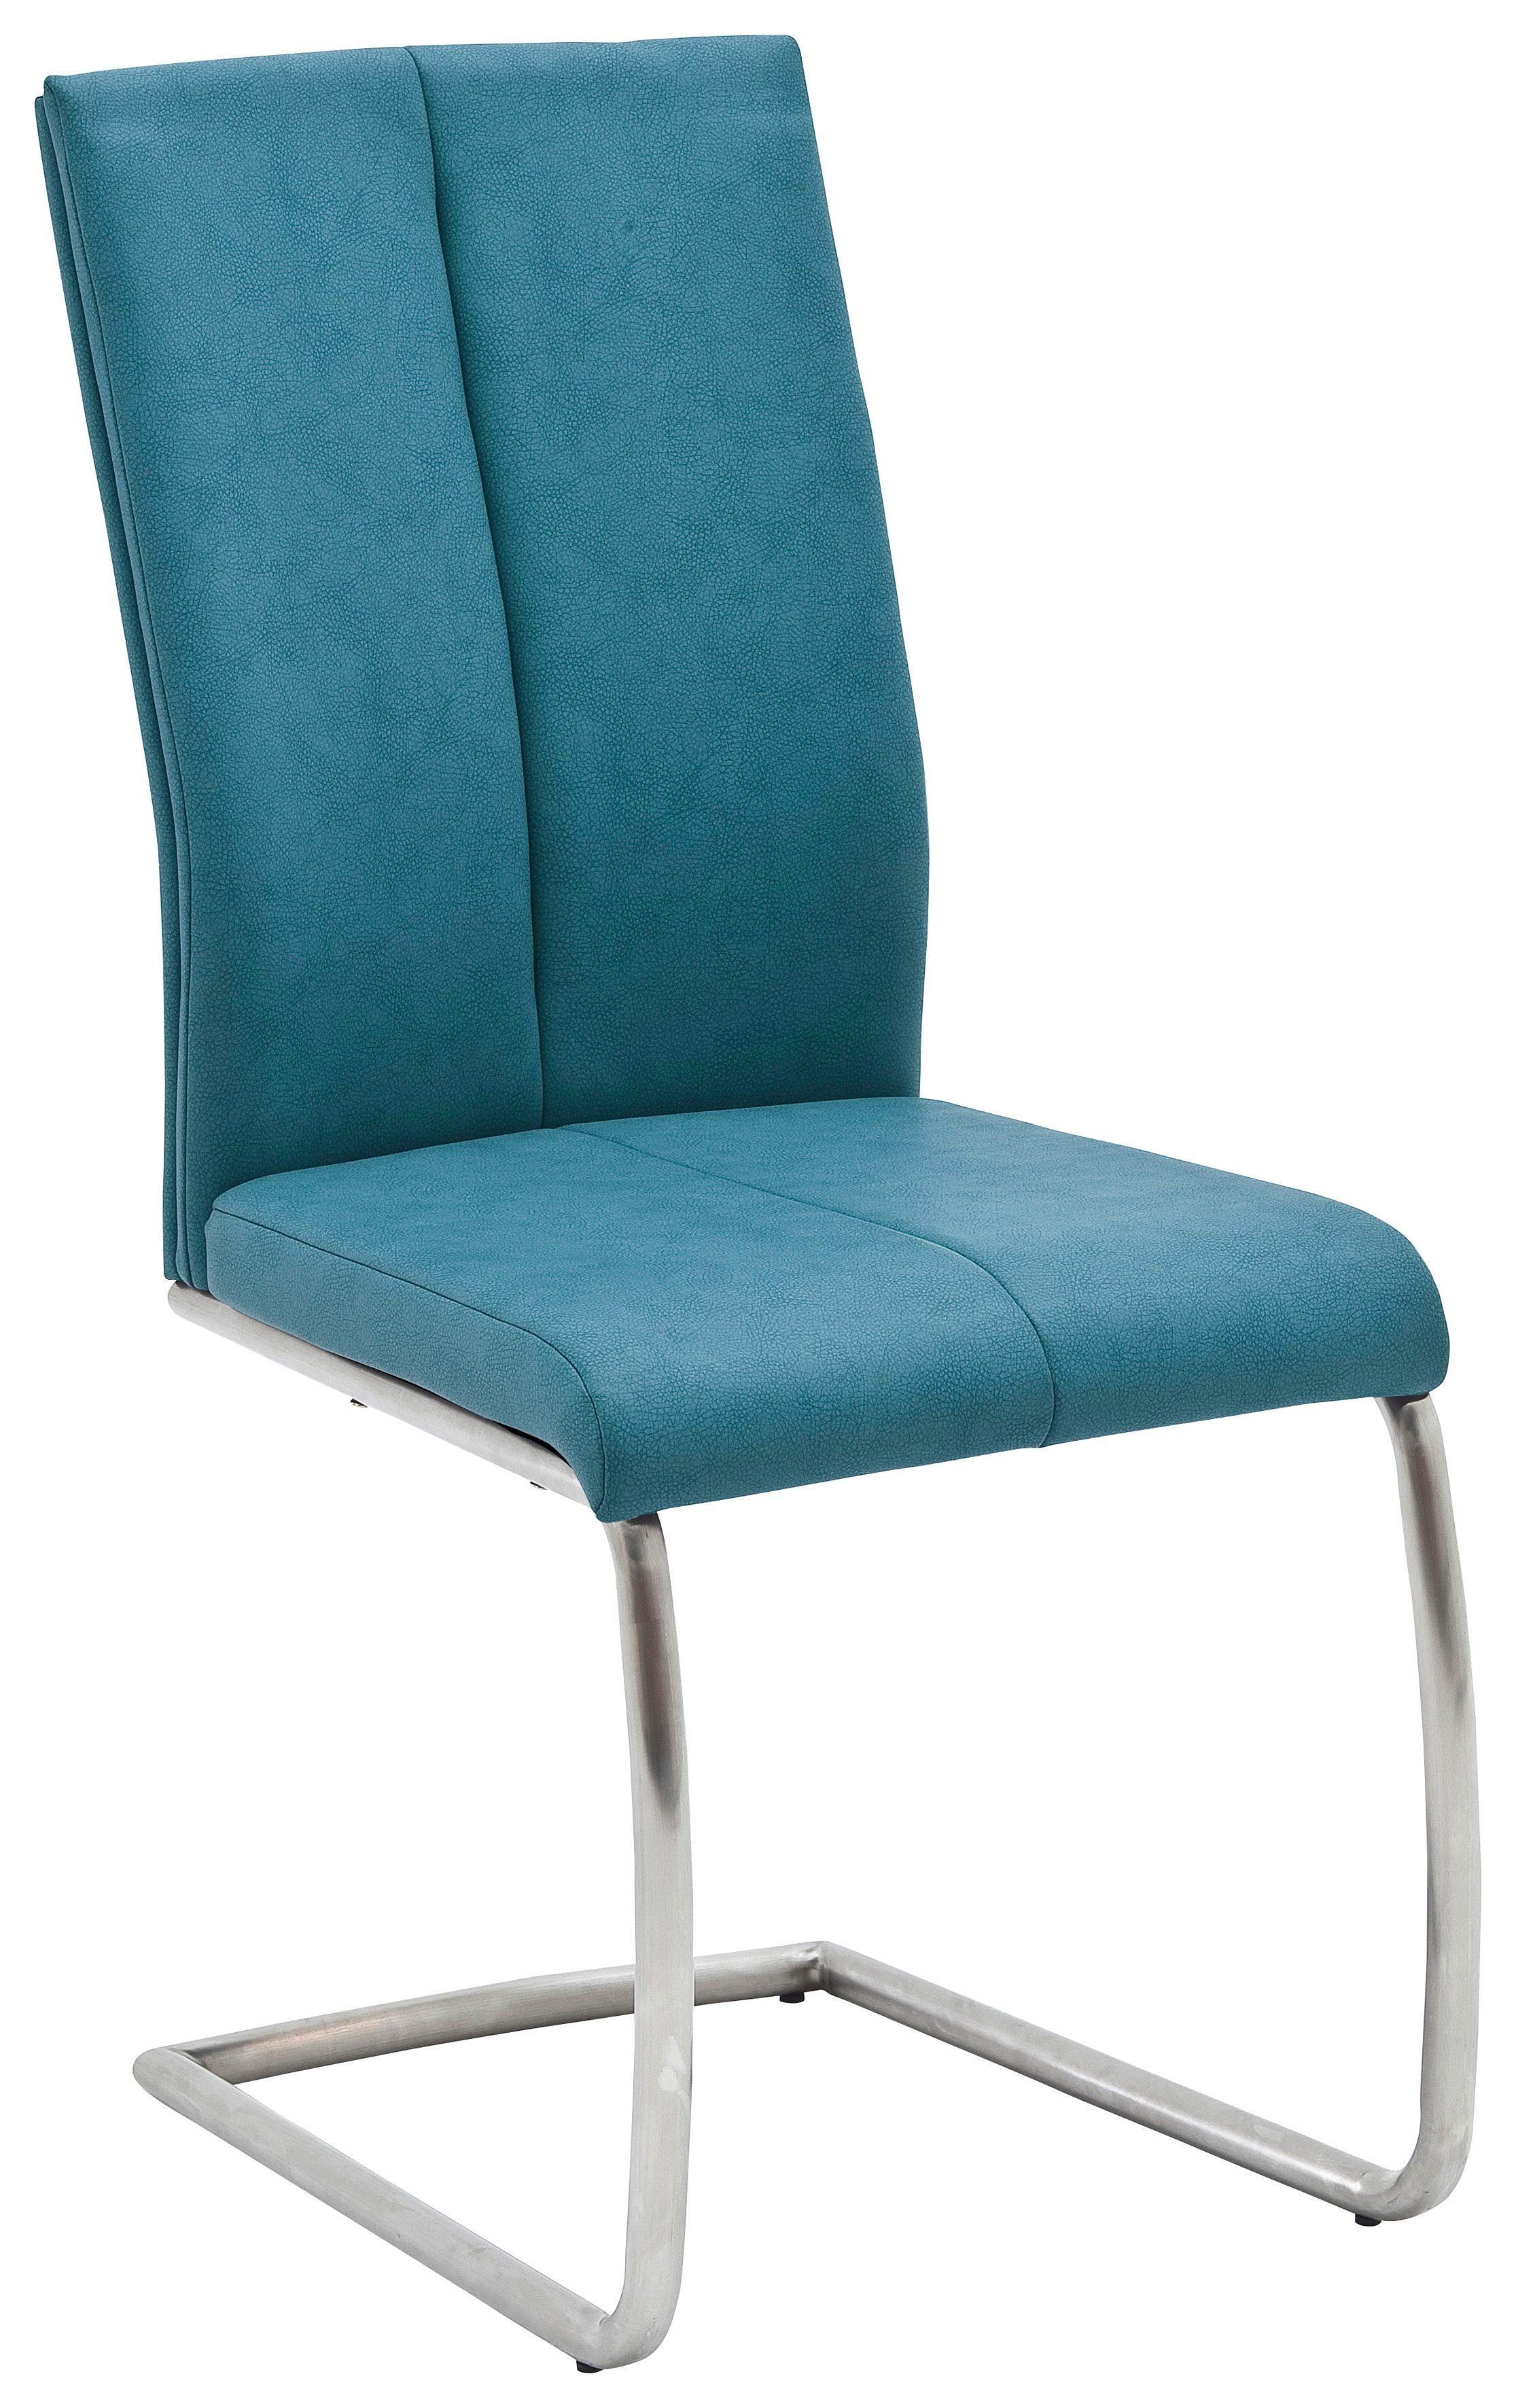 MCA furniture Freischwinger »Flores C Schwingstuhl« 2er Set, Stuhl bis 130 Kg belastbar online kaufen | OTTO